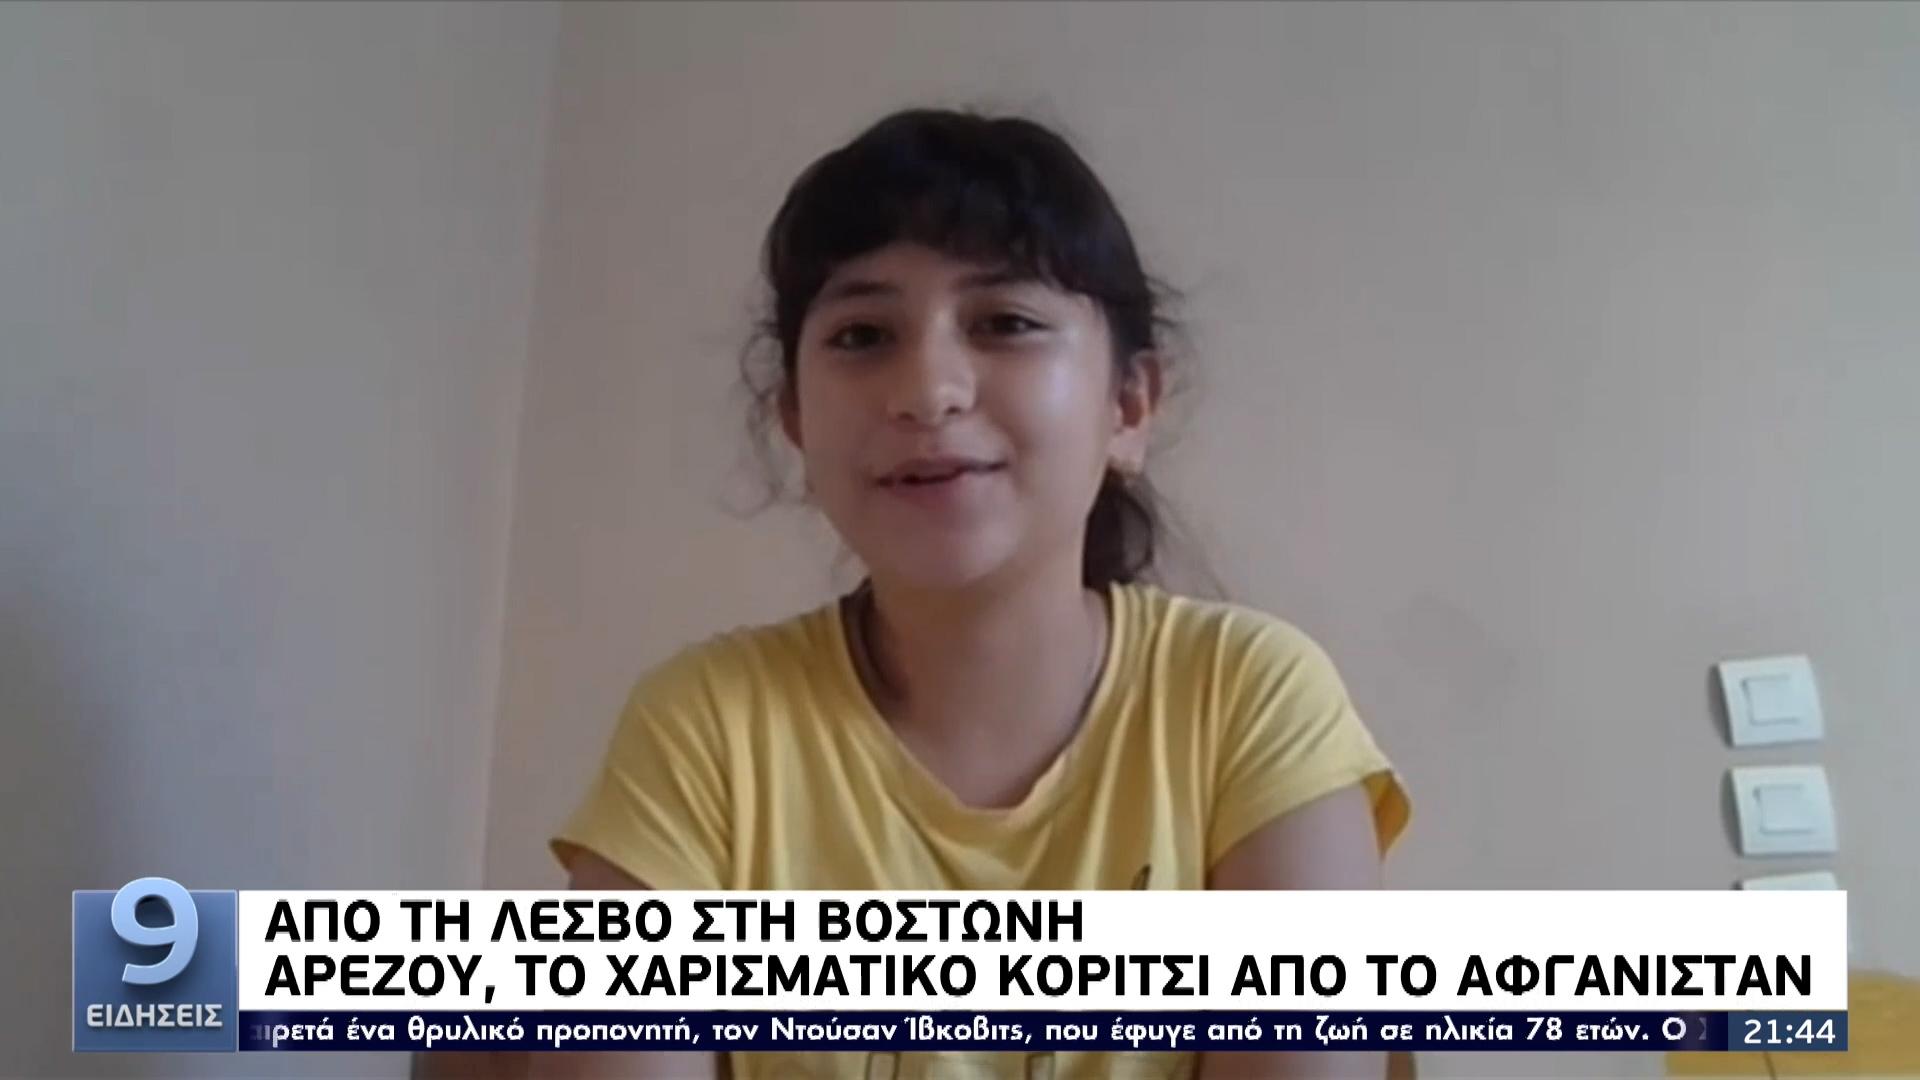 Από τη Λέσβο στη Βοστώνη – Υποτροφία 12χρονης Αφγανής στο διεθνές σχολείο (video)